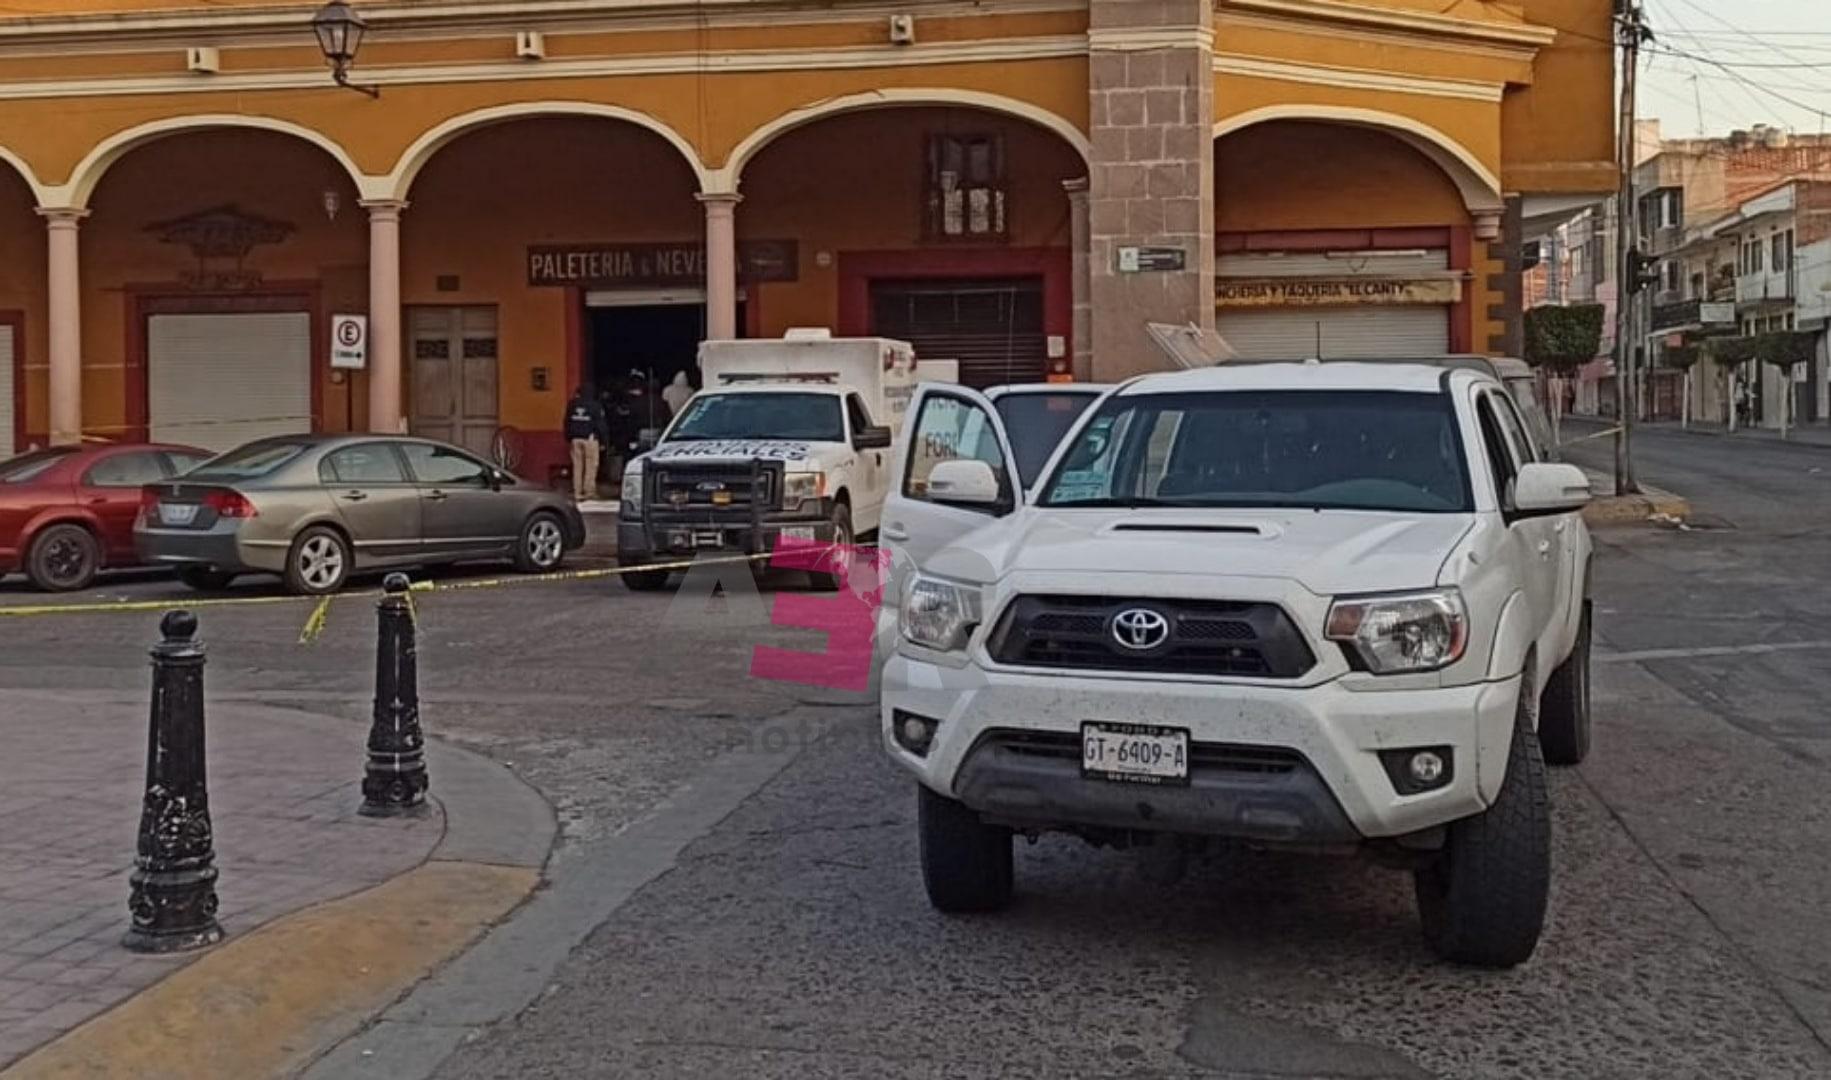 Confirma la FGE tres muertos en paletería en Cortazar 4